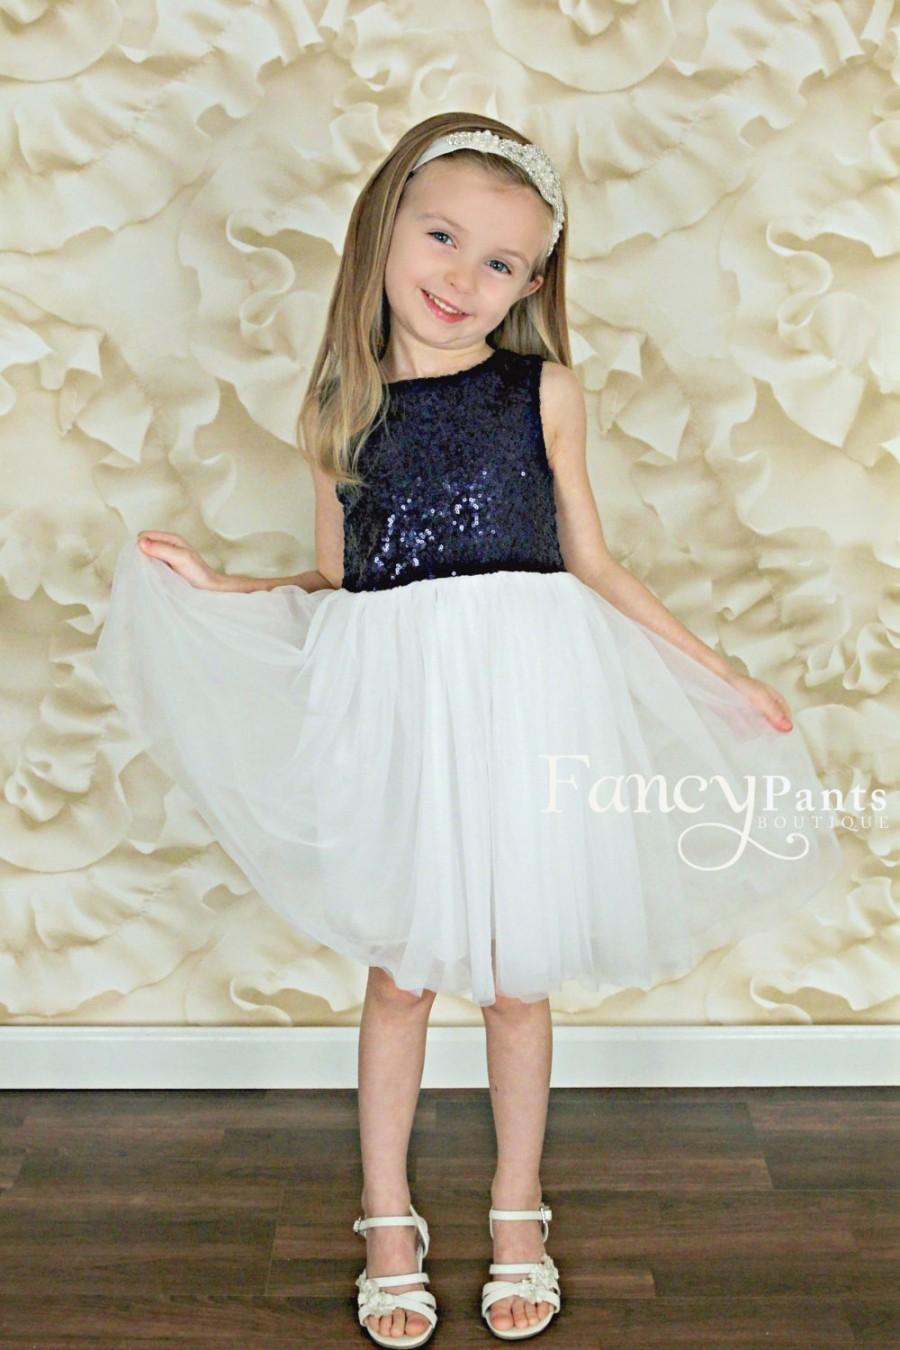 c5a252c1910 Flower Girl Dresses White And Navy Blue - Data Dynamic AG